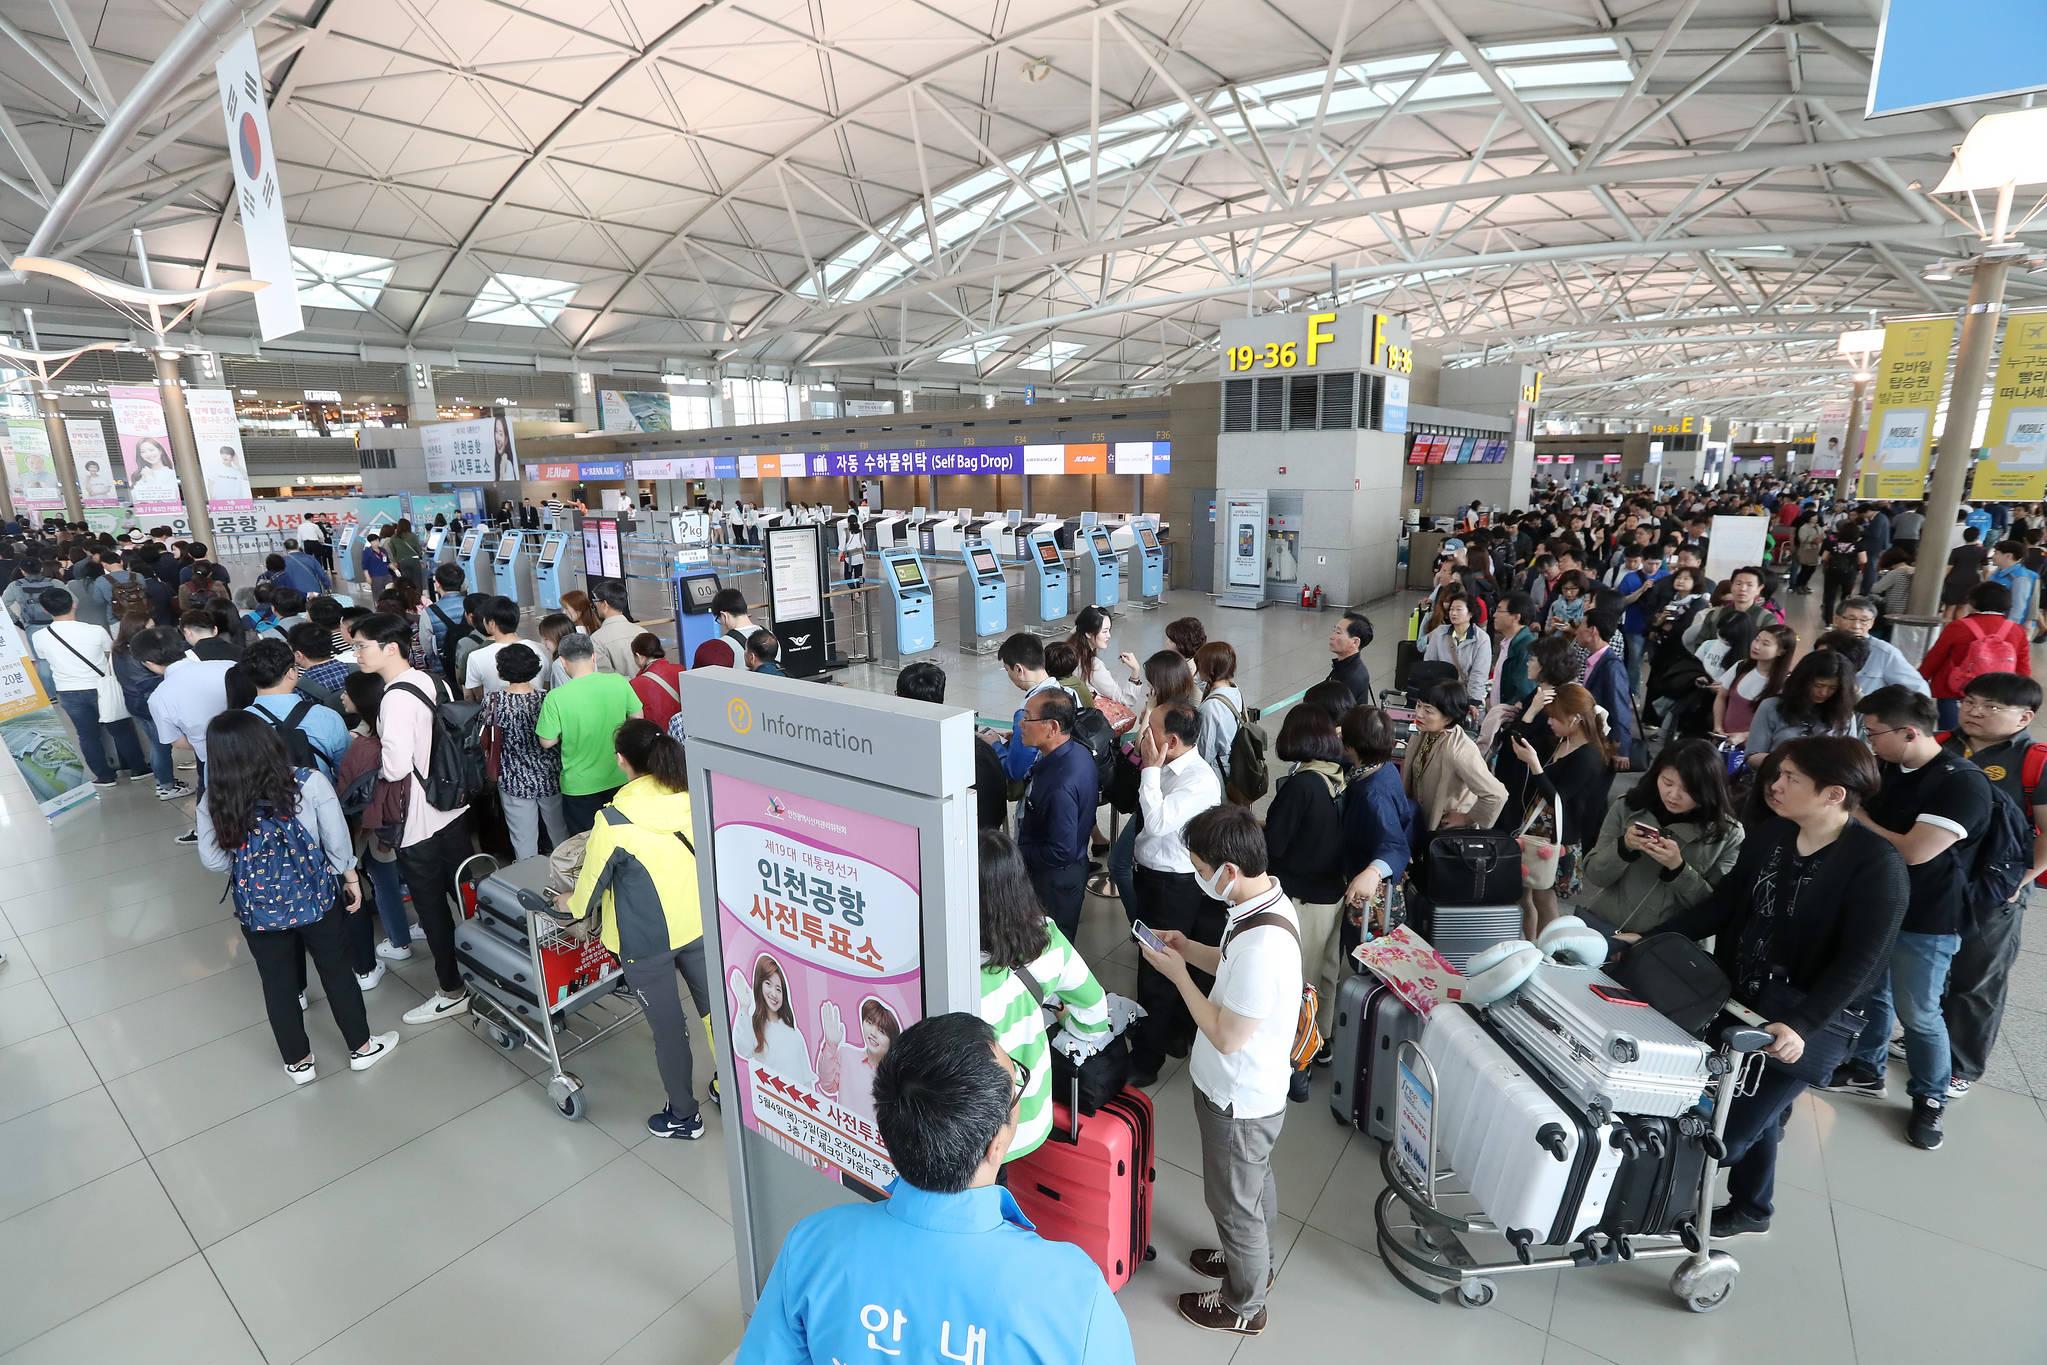 투표를 하려는 유권자들이4일 인천공항에 마련된 사전투표소 앞에 줄을 서서 기다리고 있다. 우상조 기자